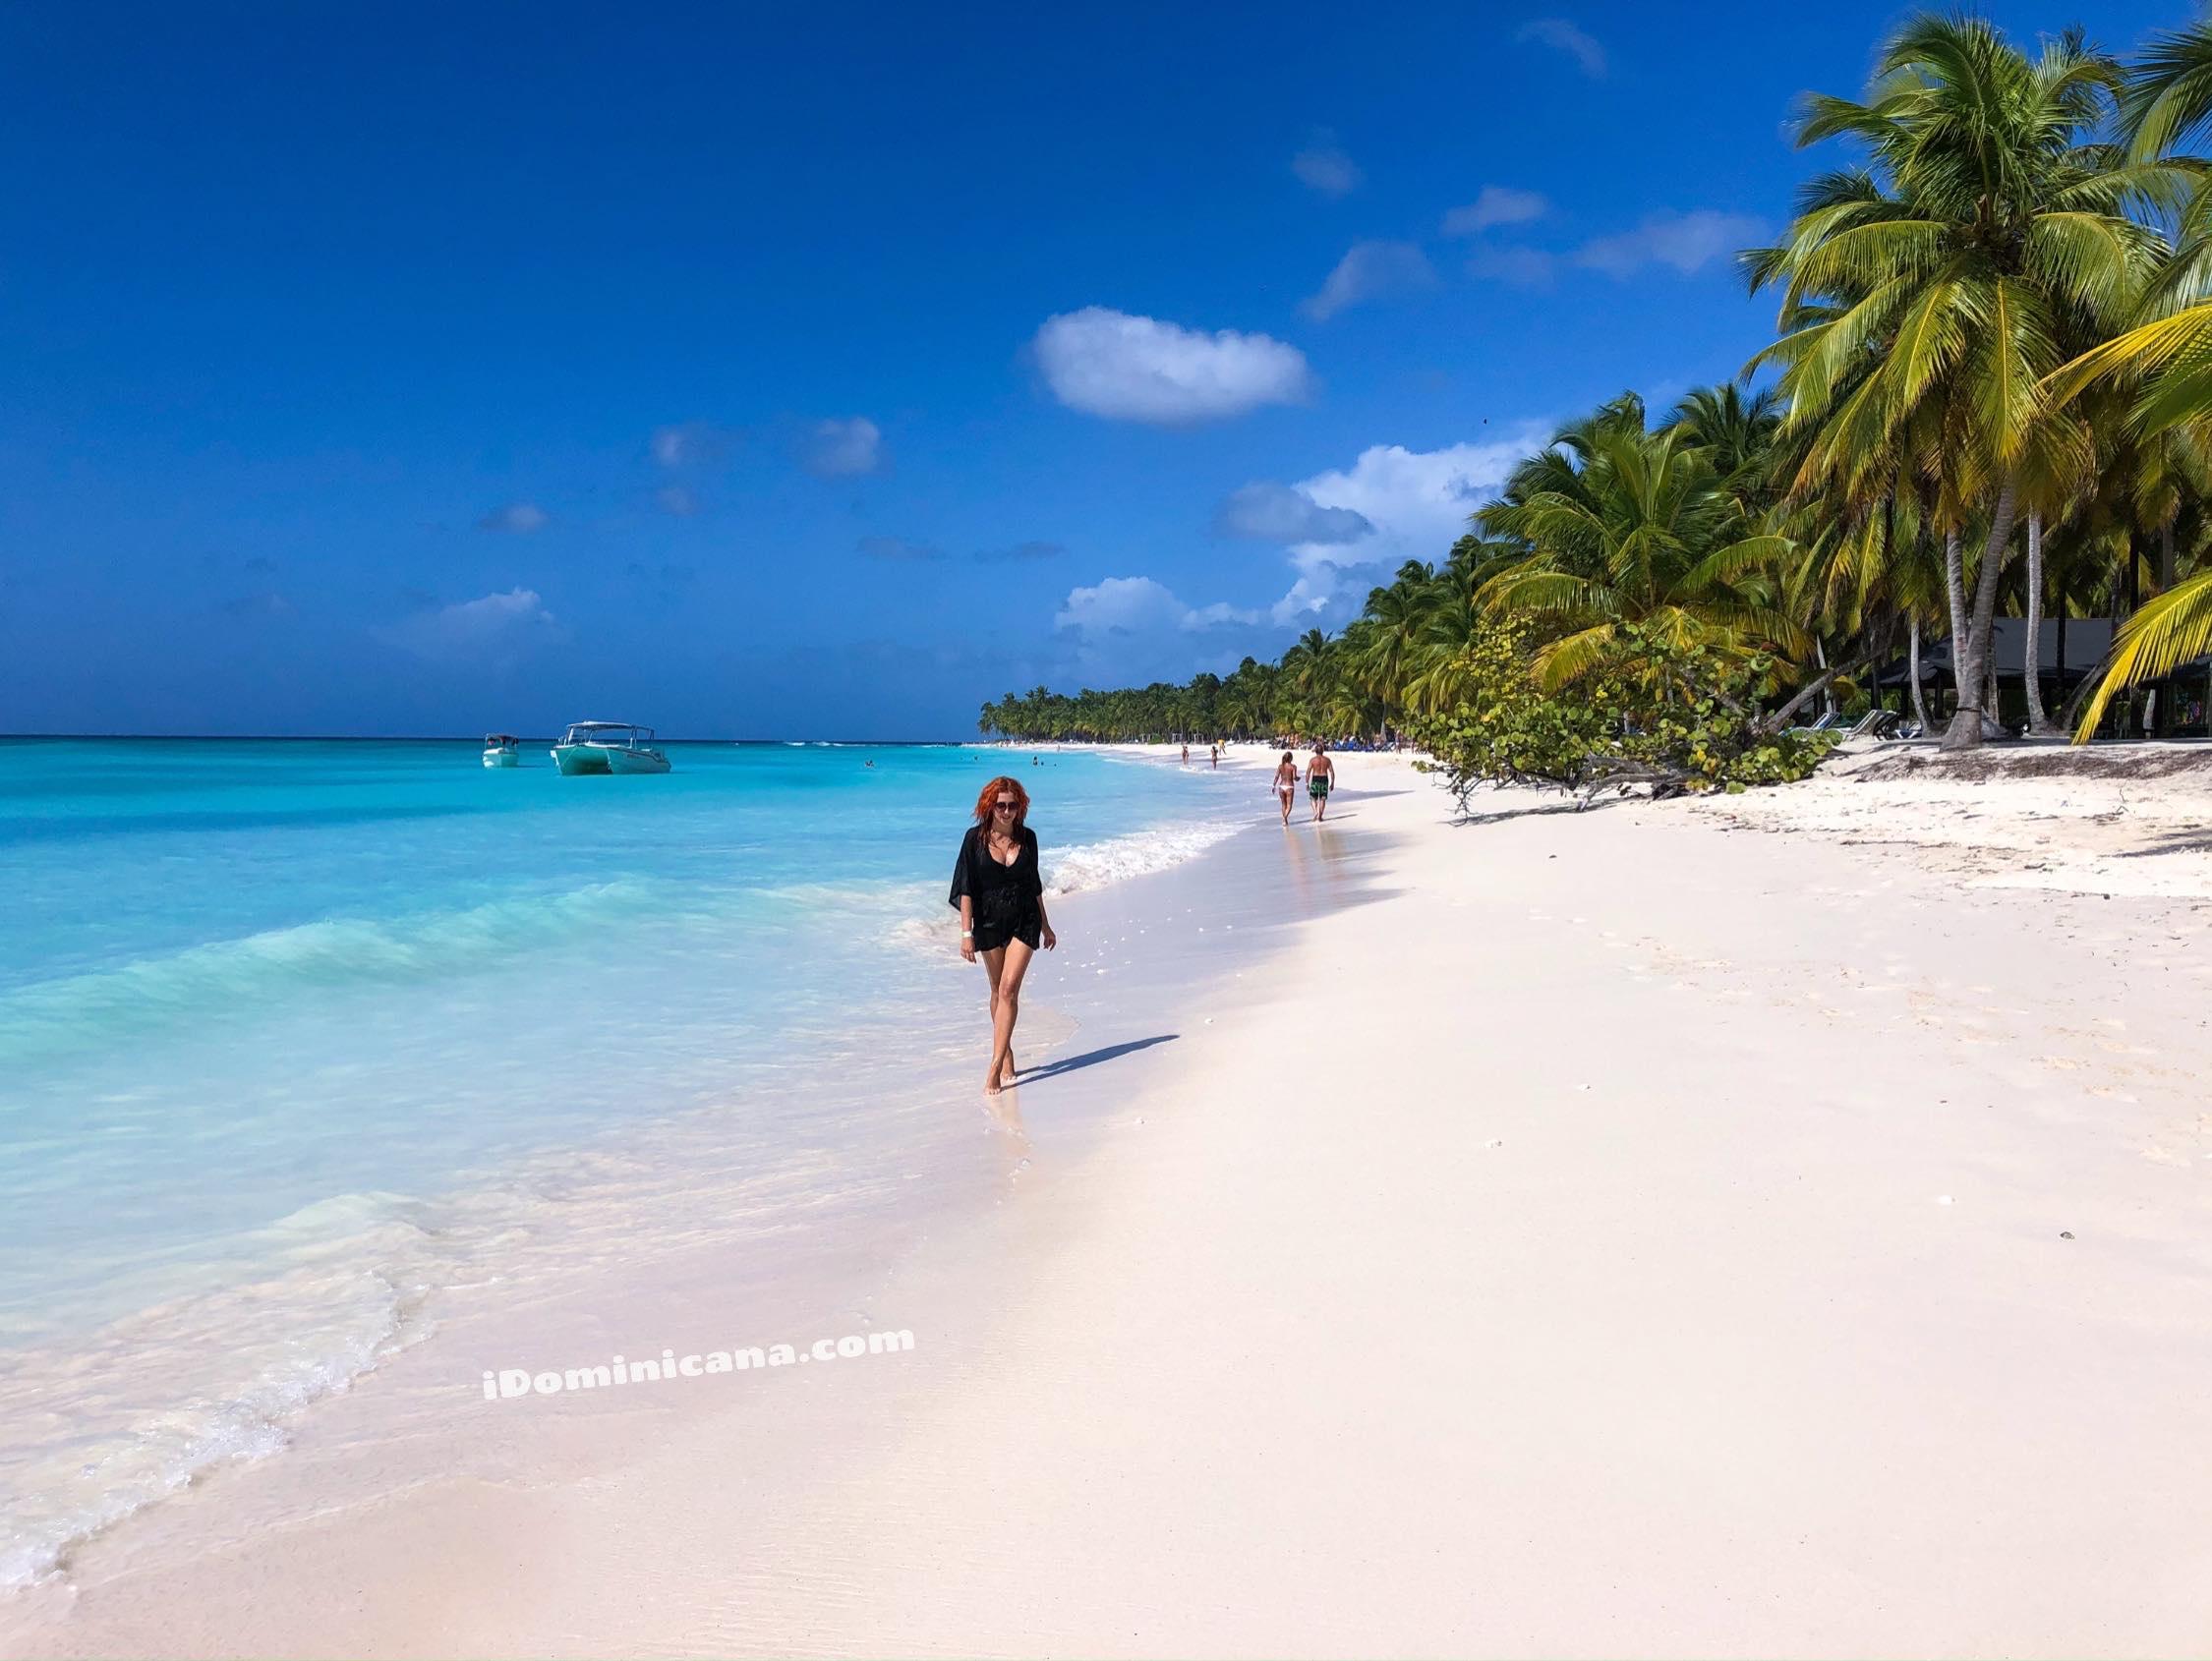 В 2019 году Доминикана заработала $7,7 млрд дол на туризме